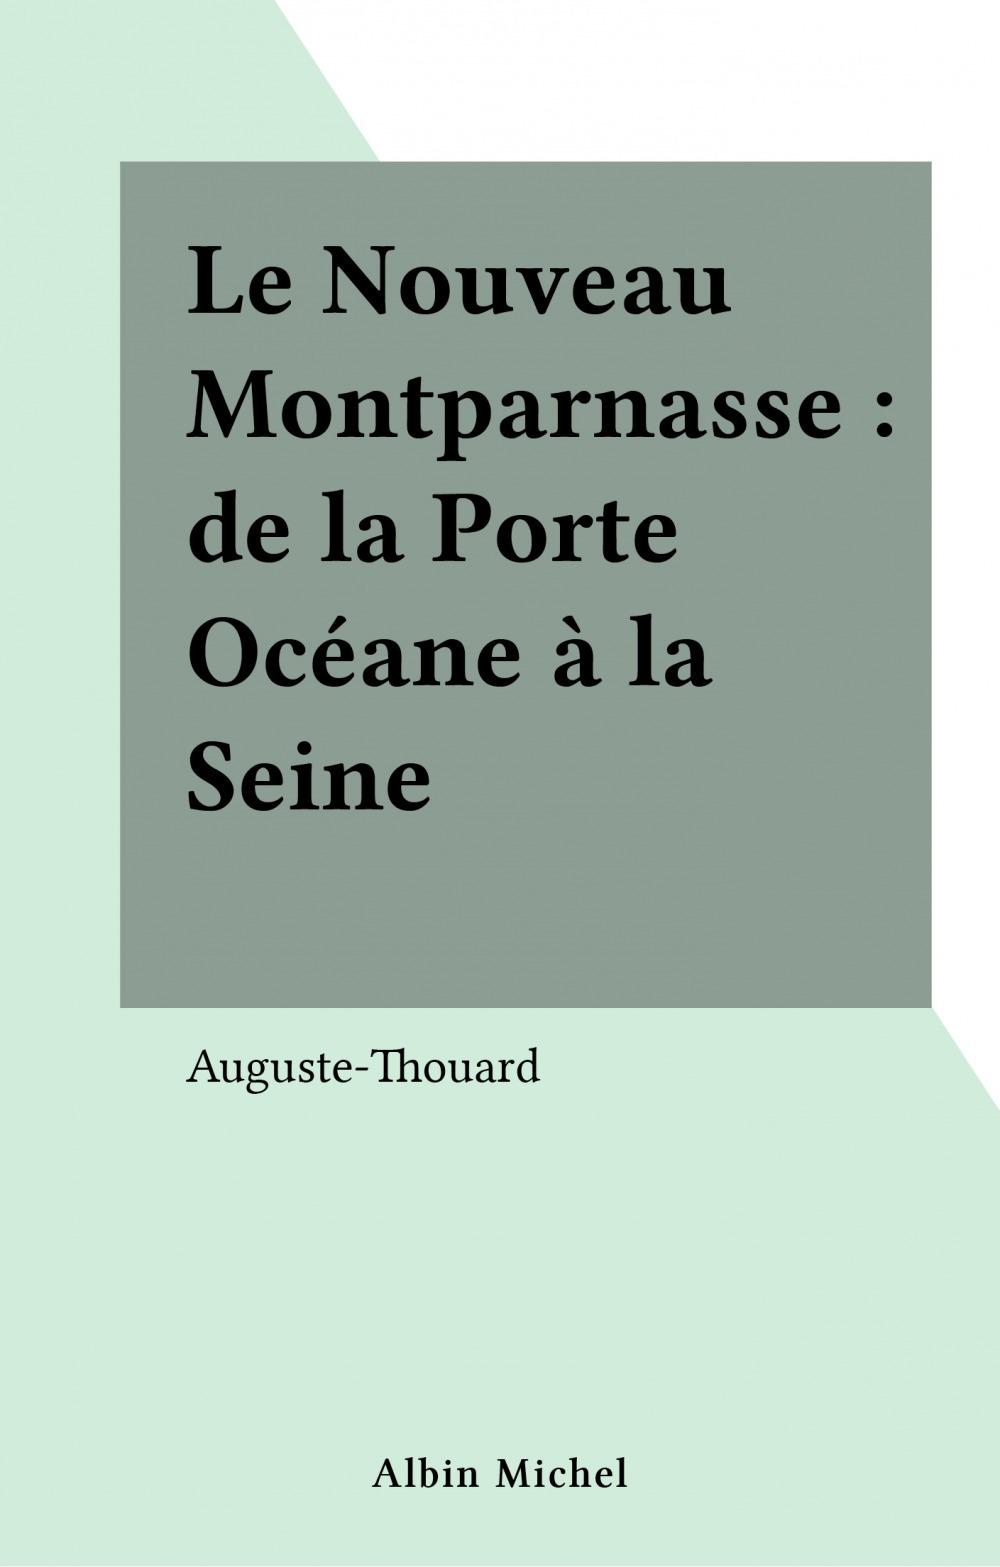 Le Nouveau Montparnasse : de la Porte Océane à la Seine  - Auguste-Thouard